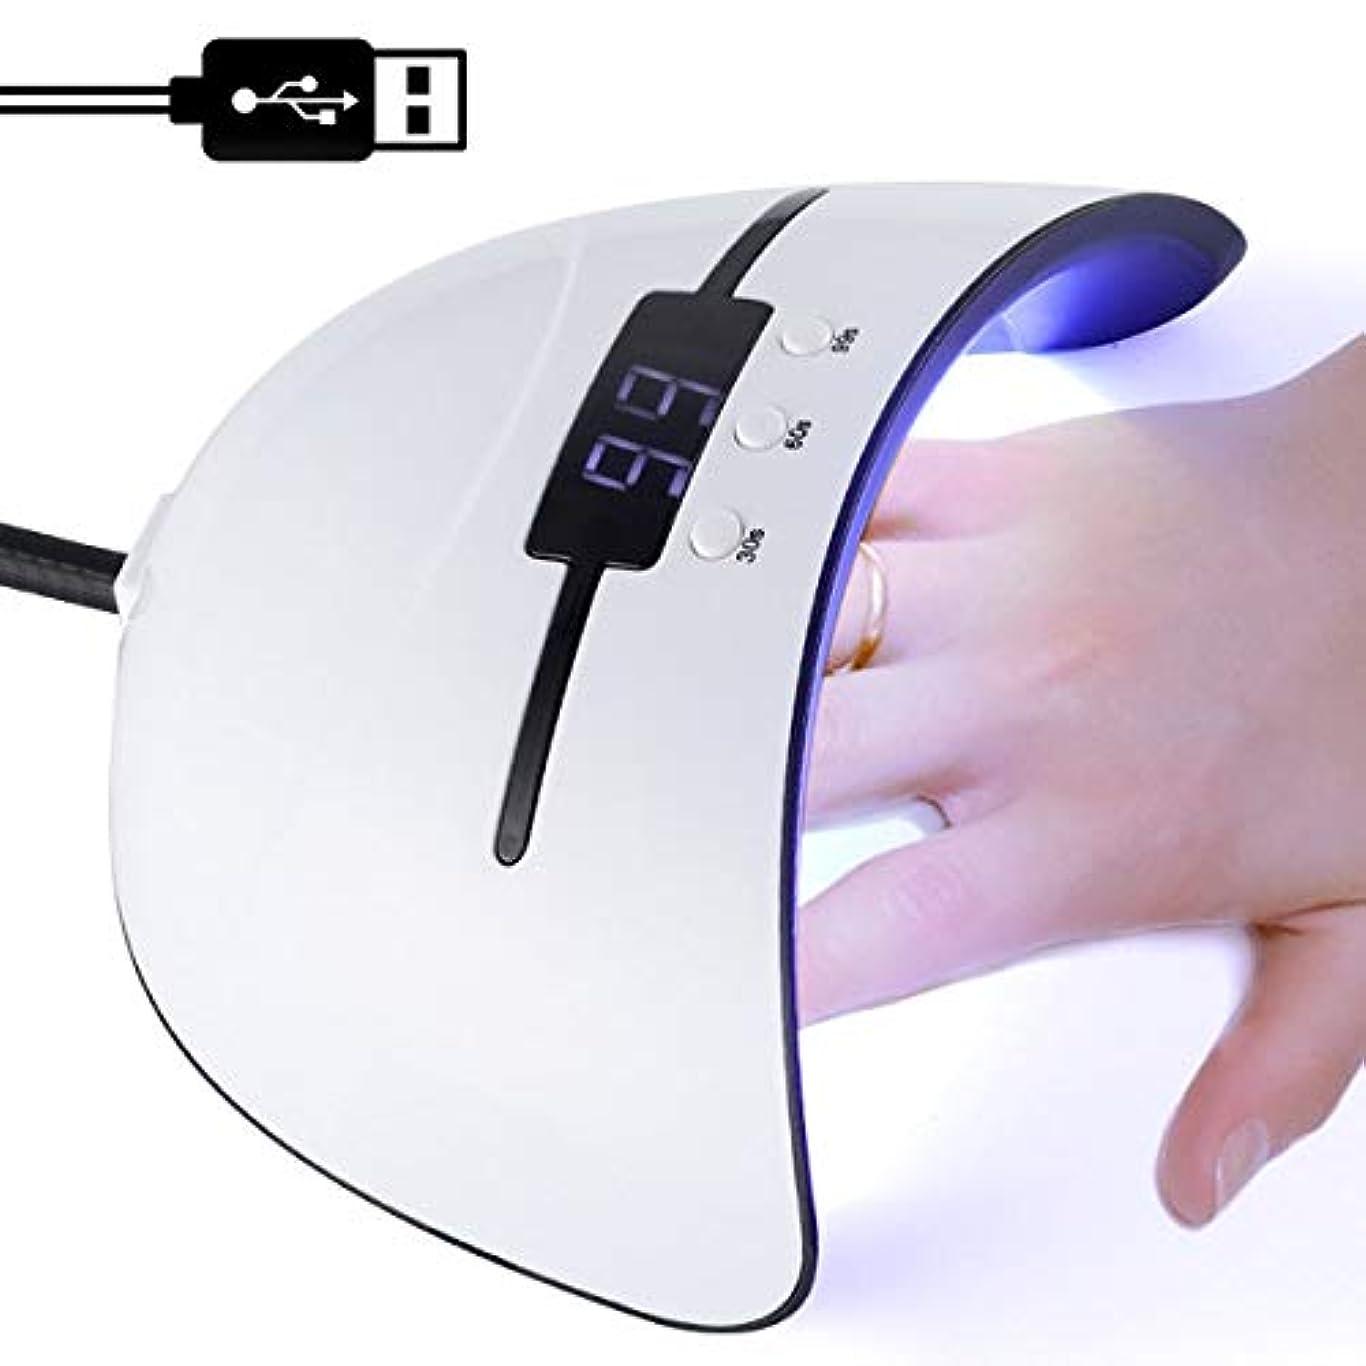 補助金ルネッサンス接辞LEDネイルドライヤー UVライト LED 硬化ライト タイマー設定可能 折りたたみ式手足とも使える UV と LEDダブルライト ジェルネイル と uvライト レジン用 (36W 12ライト-ホワイト)